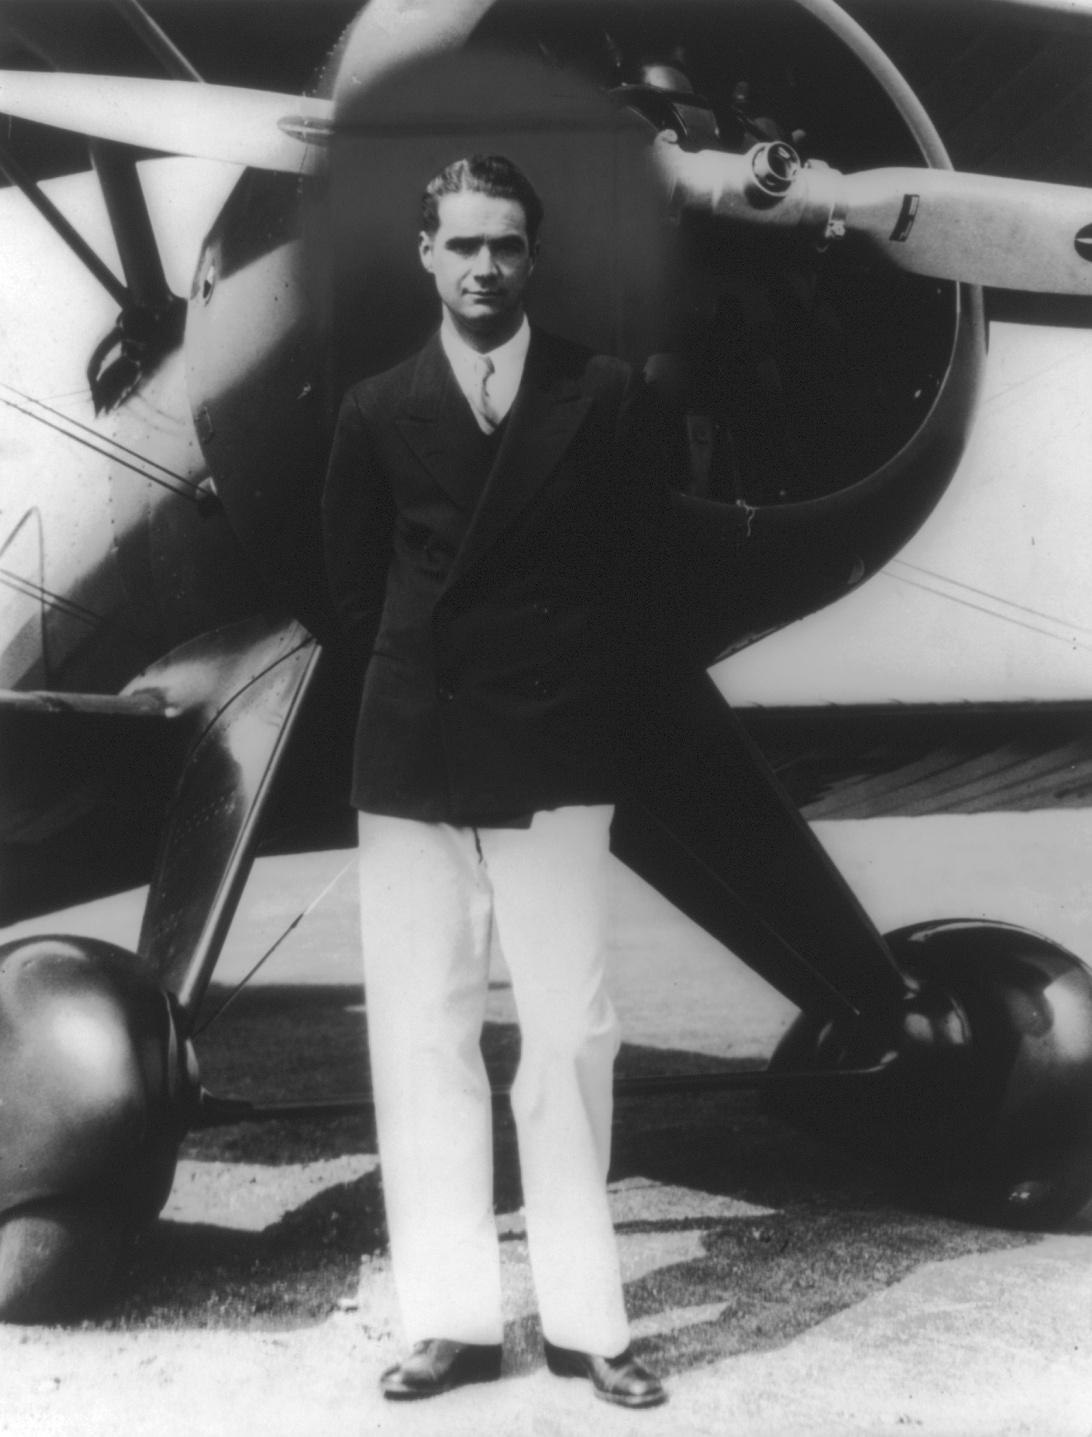 El multimillonario, aviador, empresario y playboy Howard Hughes